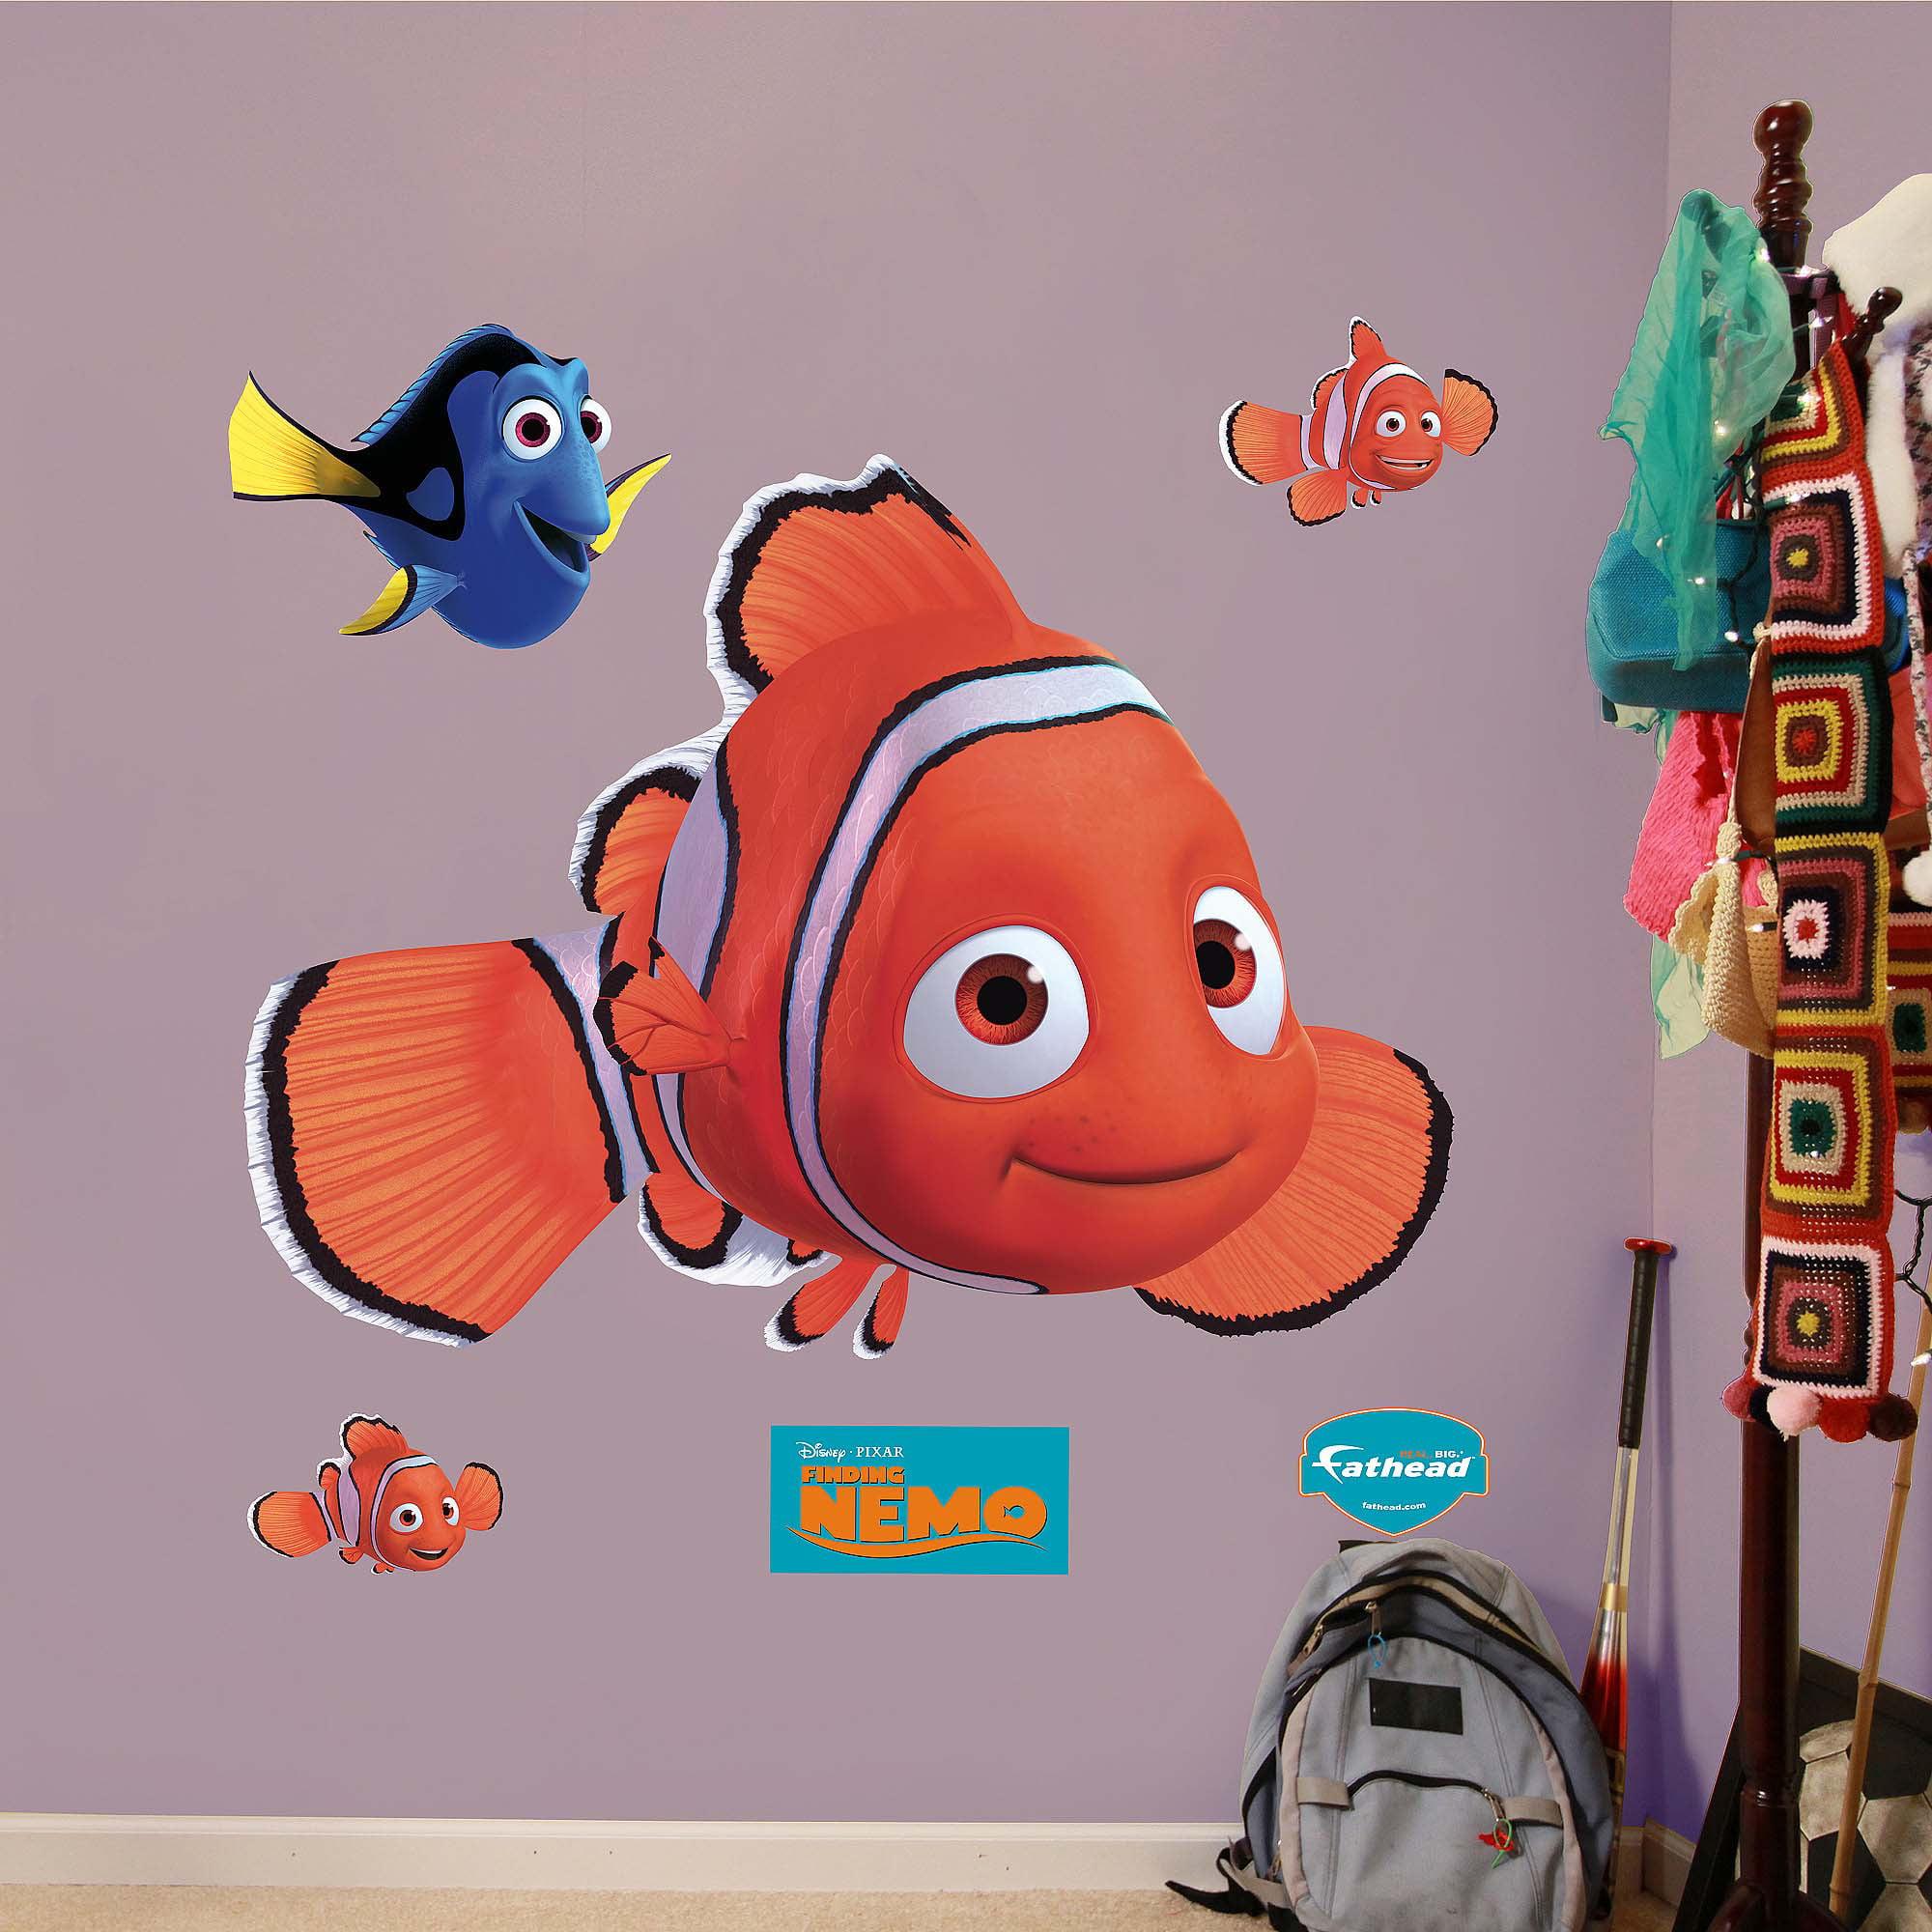 Finding Nemo Fathead